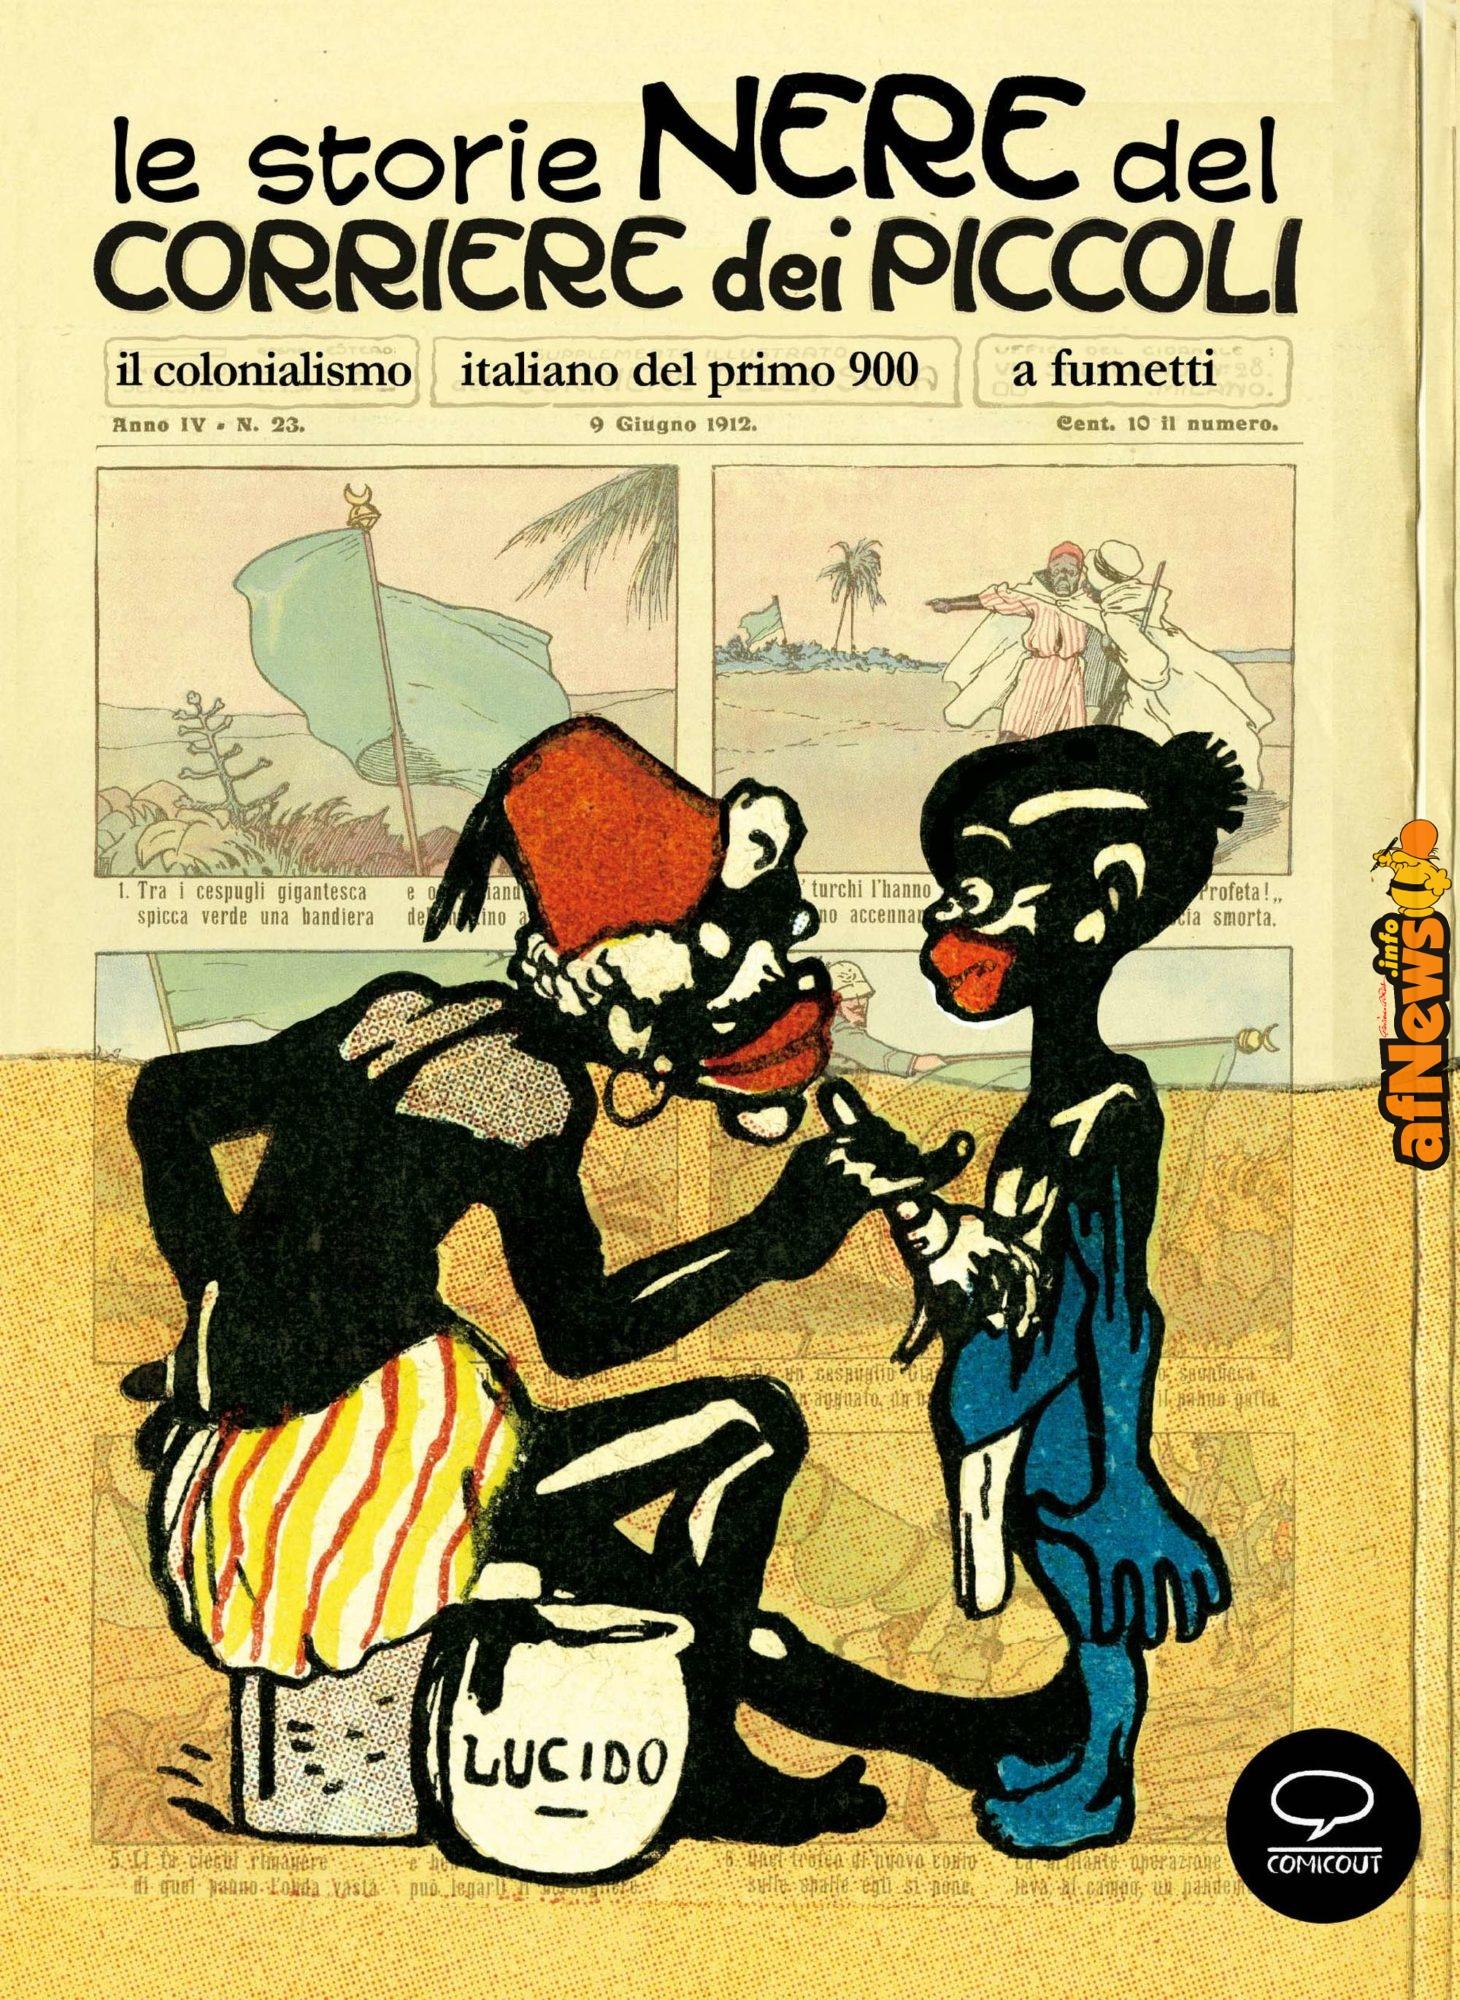 Razzismo italico: Italia e Africa attraverso i grandi fumetti del Corriere dei Piccoli - afnews.info